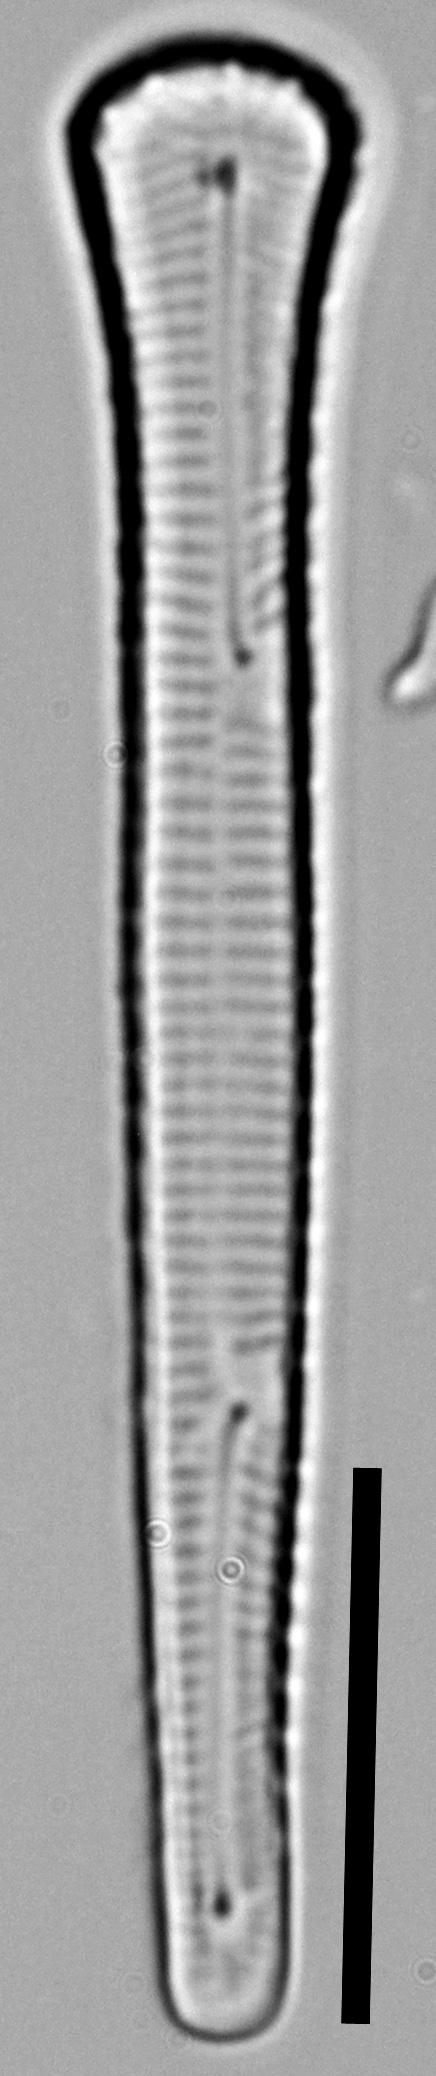 Peronia fibula LM5